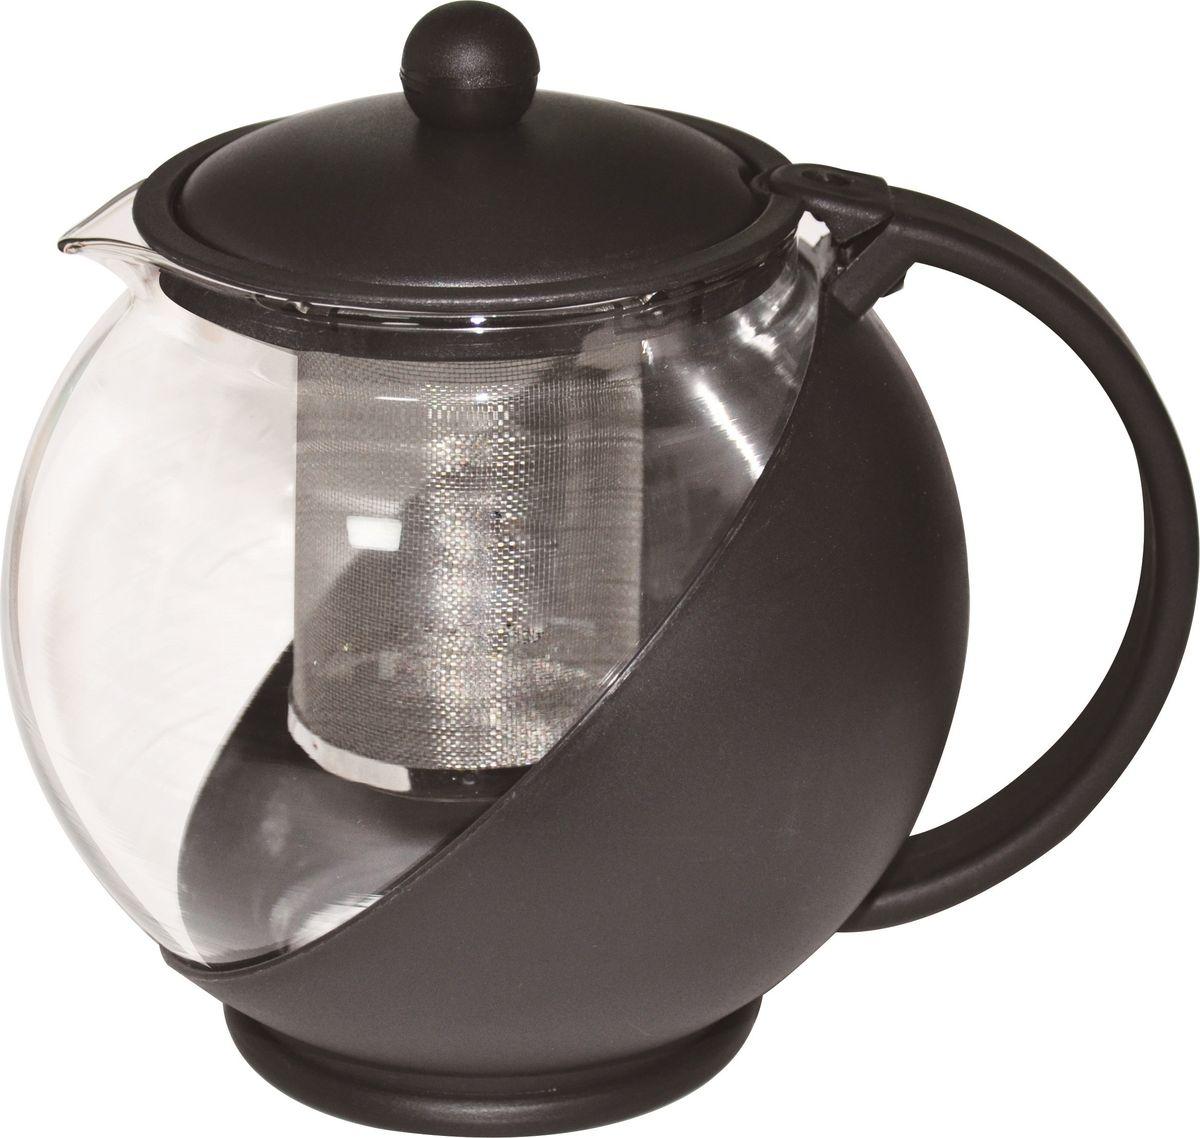 Чайник заварочный Irit, цвет: черный, 1,25 л чайник заварочный irit amp 100 2200 вт белый 1 7 л пластик